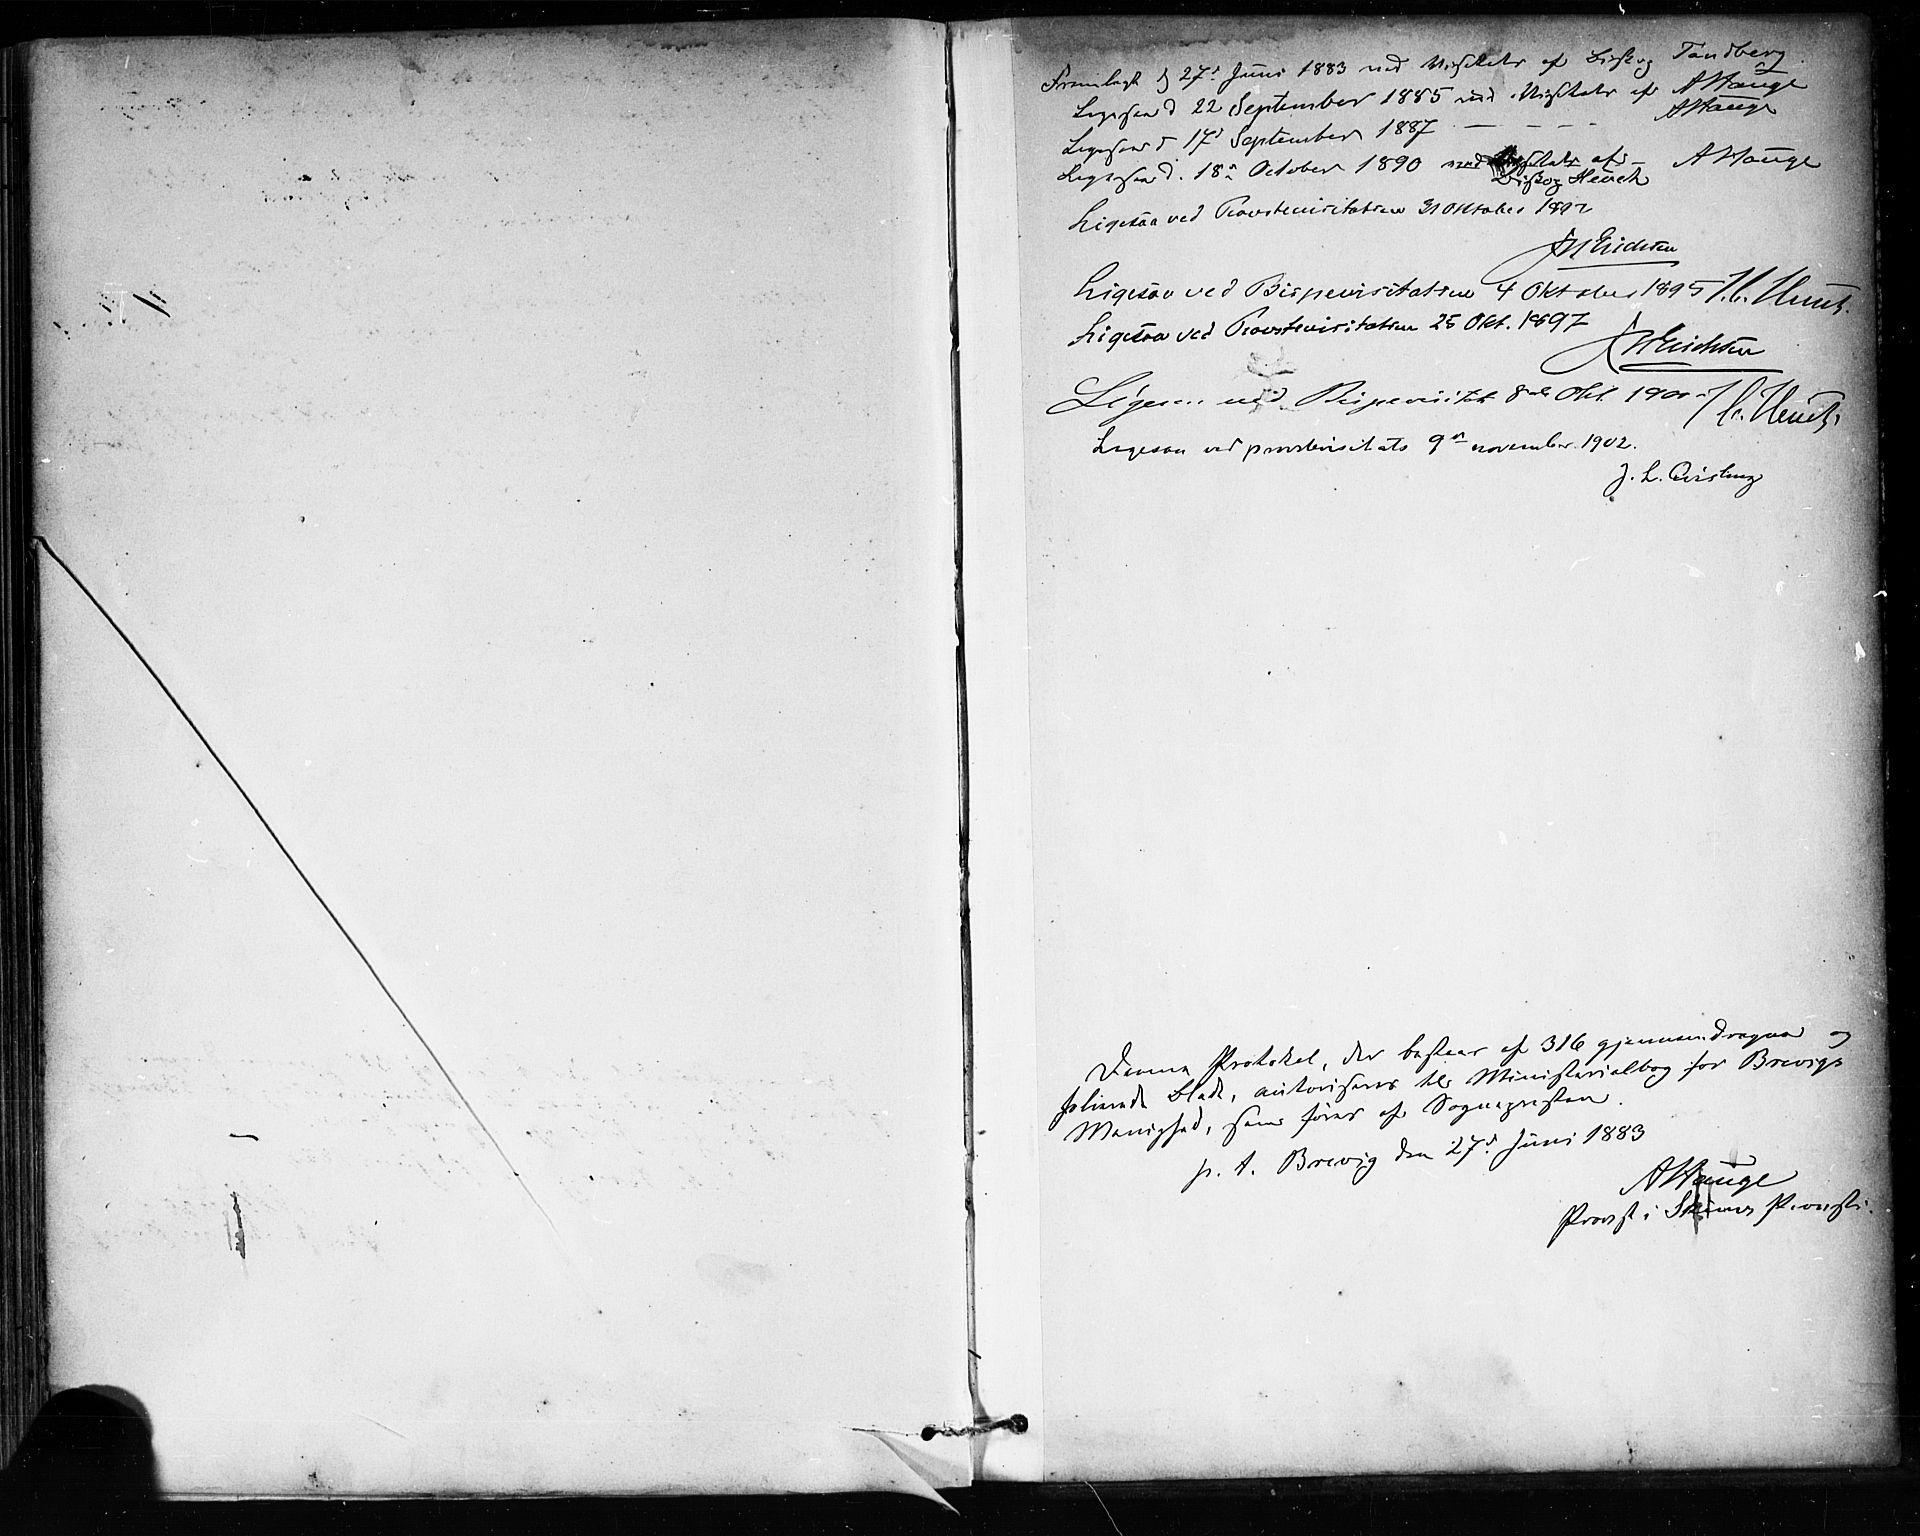 SAKO, Brevik kirkebøker, F/Fa/L0007: Ministerialbok nr. 7, 1882-1900